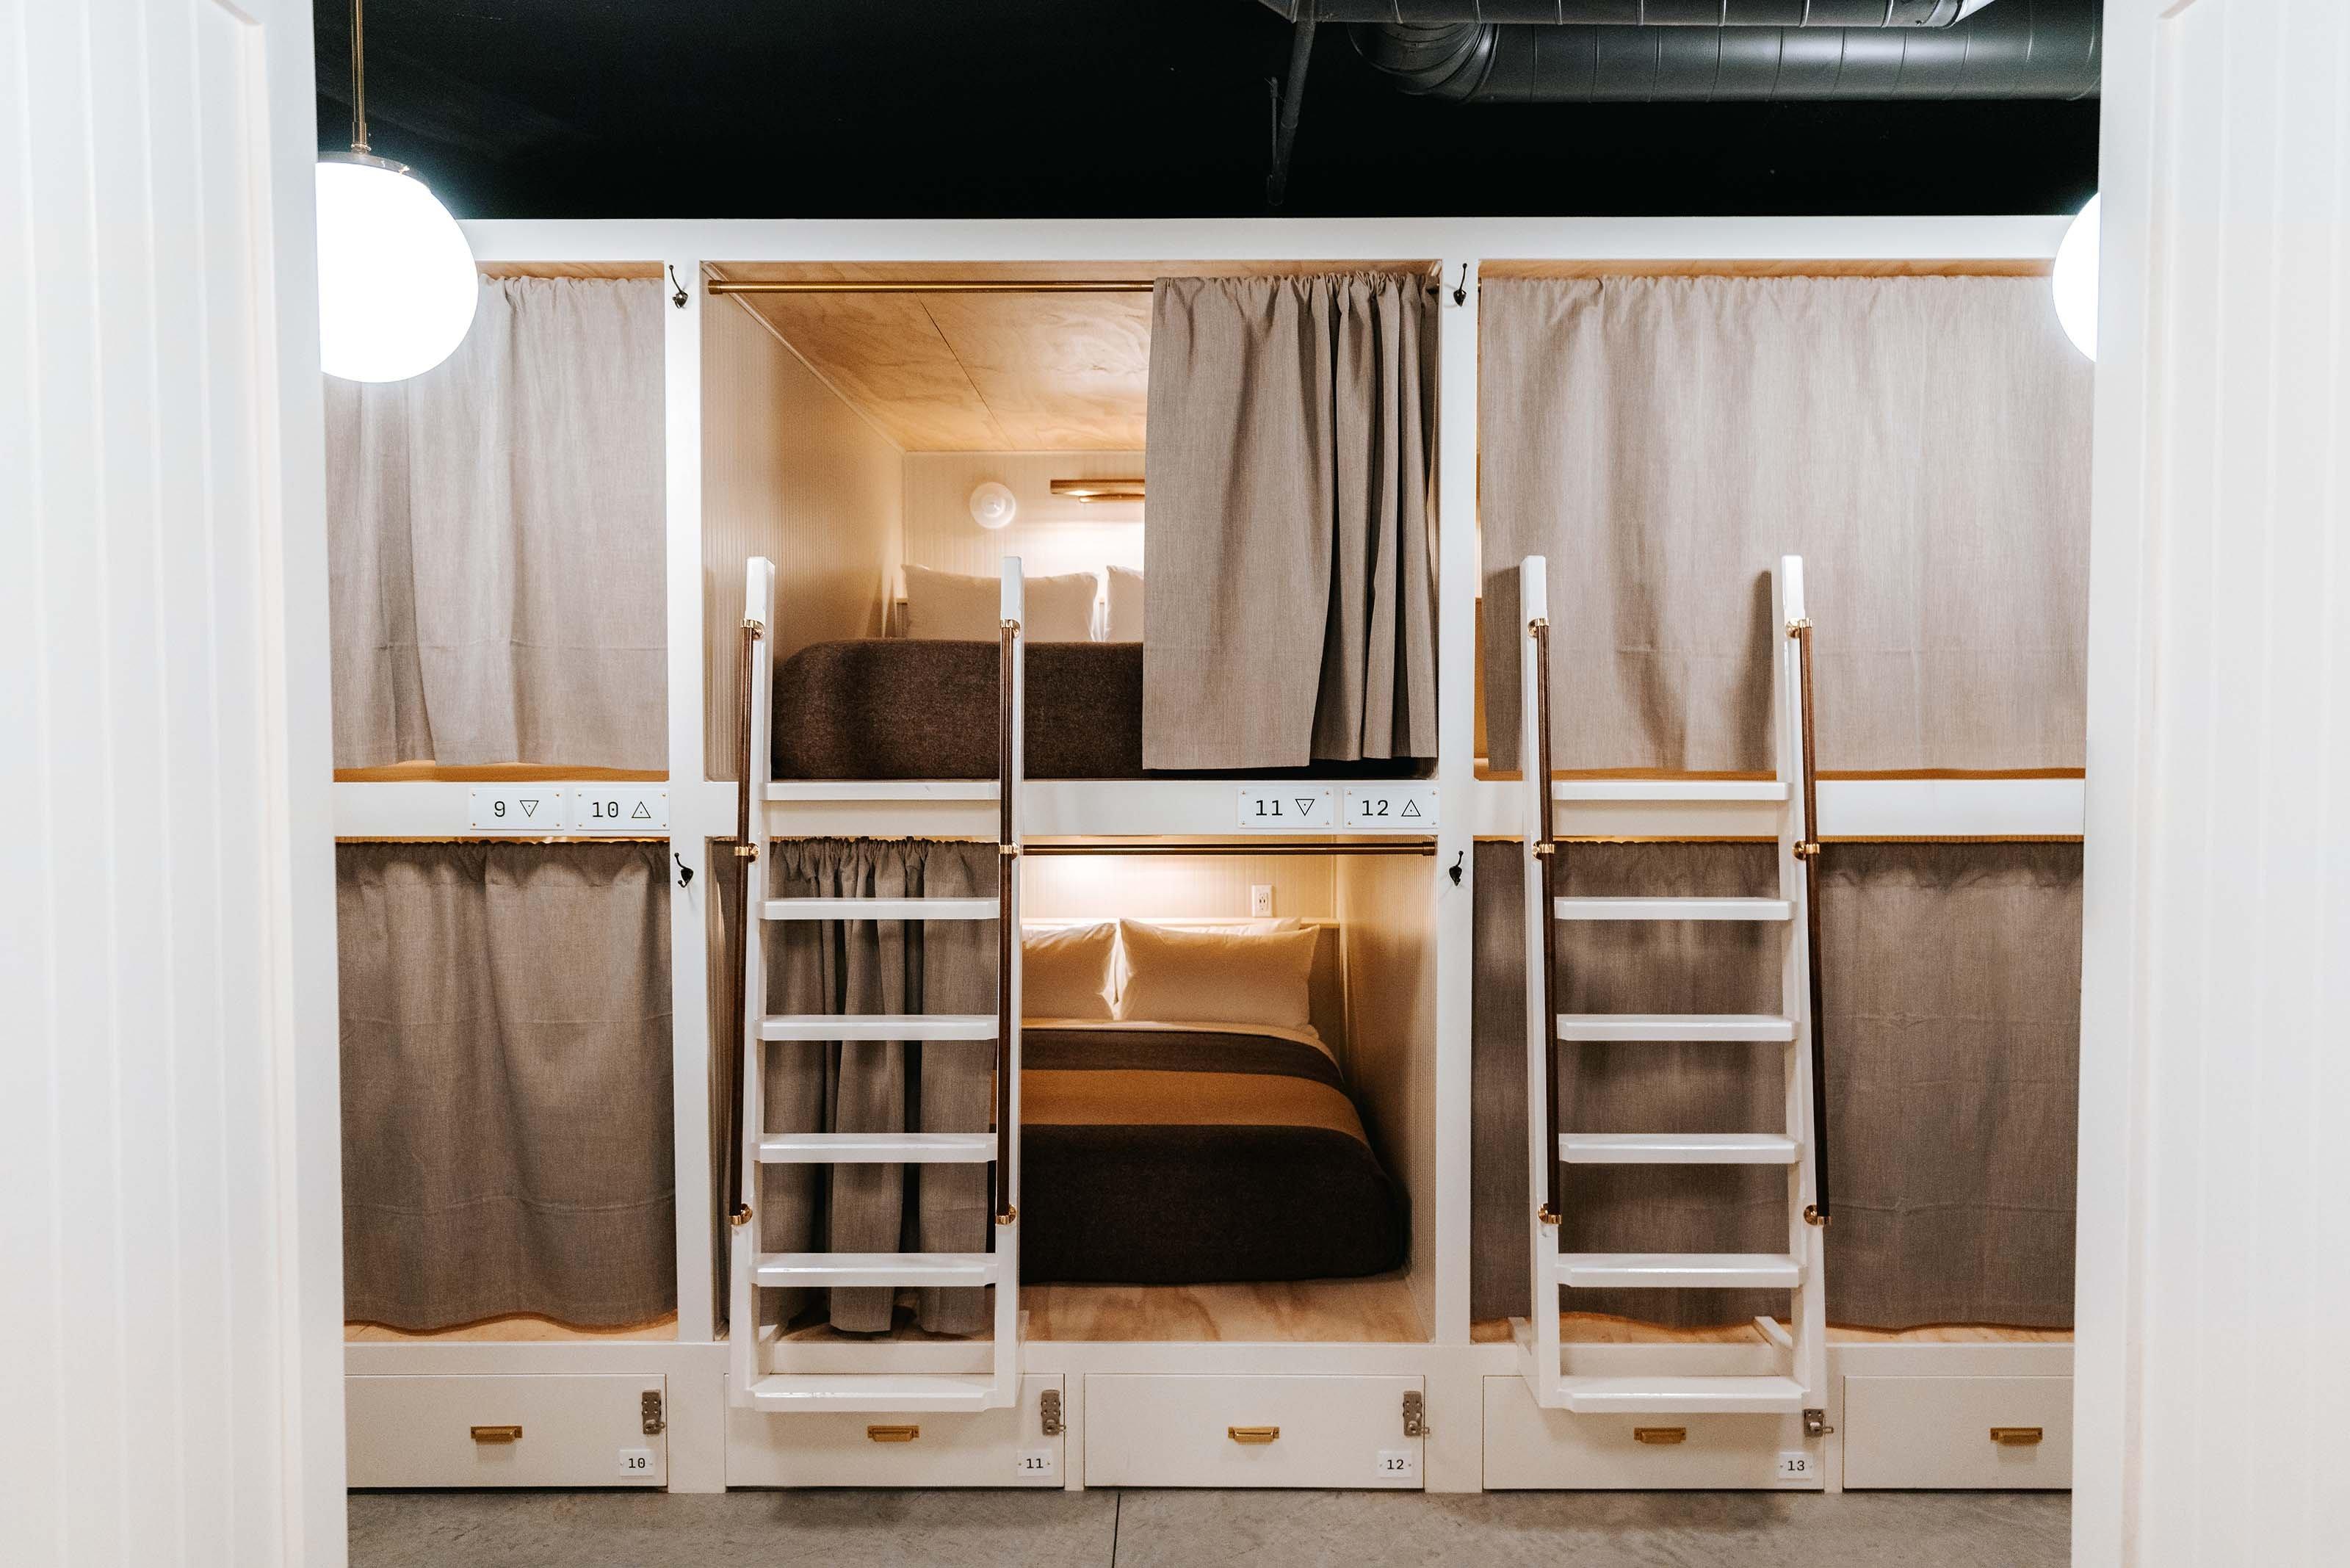 Queen Bed Lower Bunk